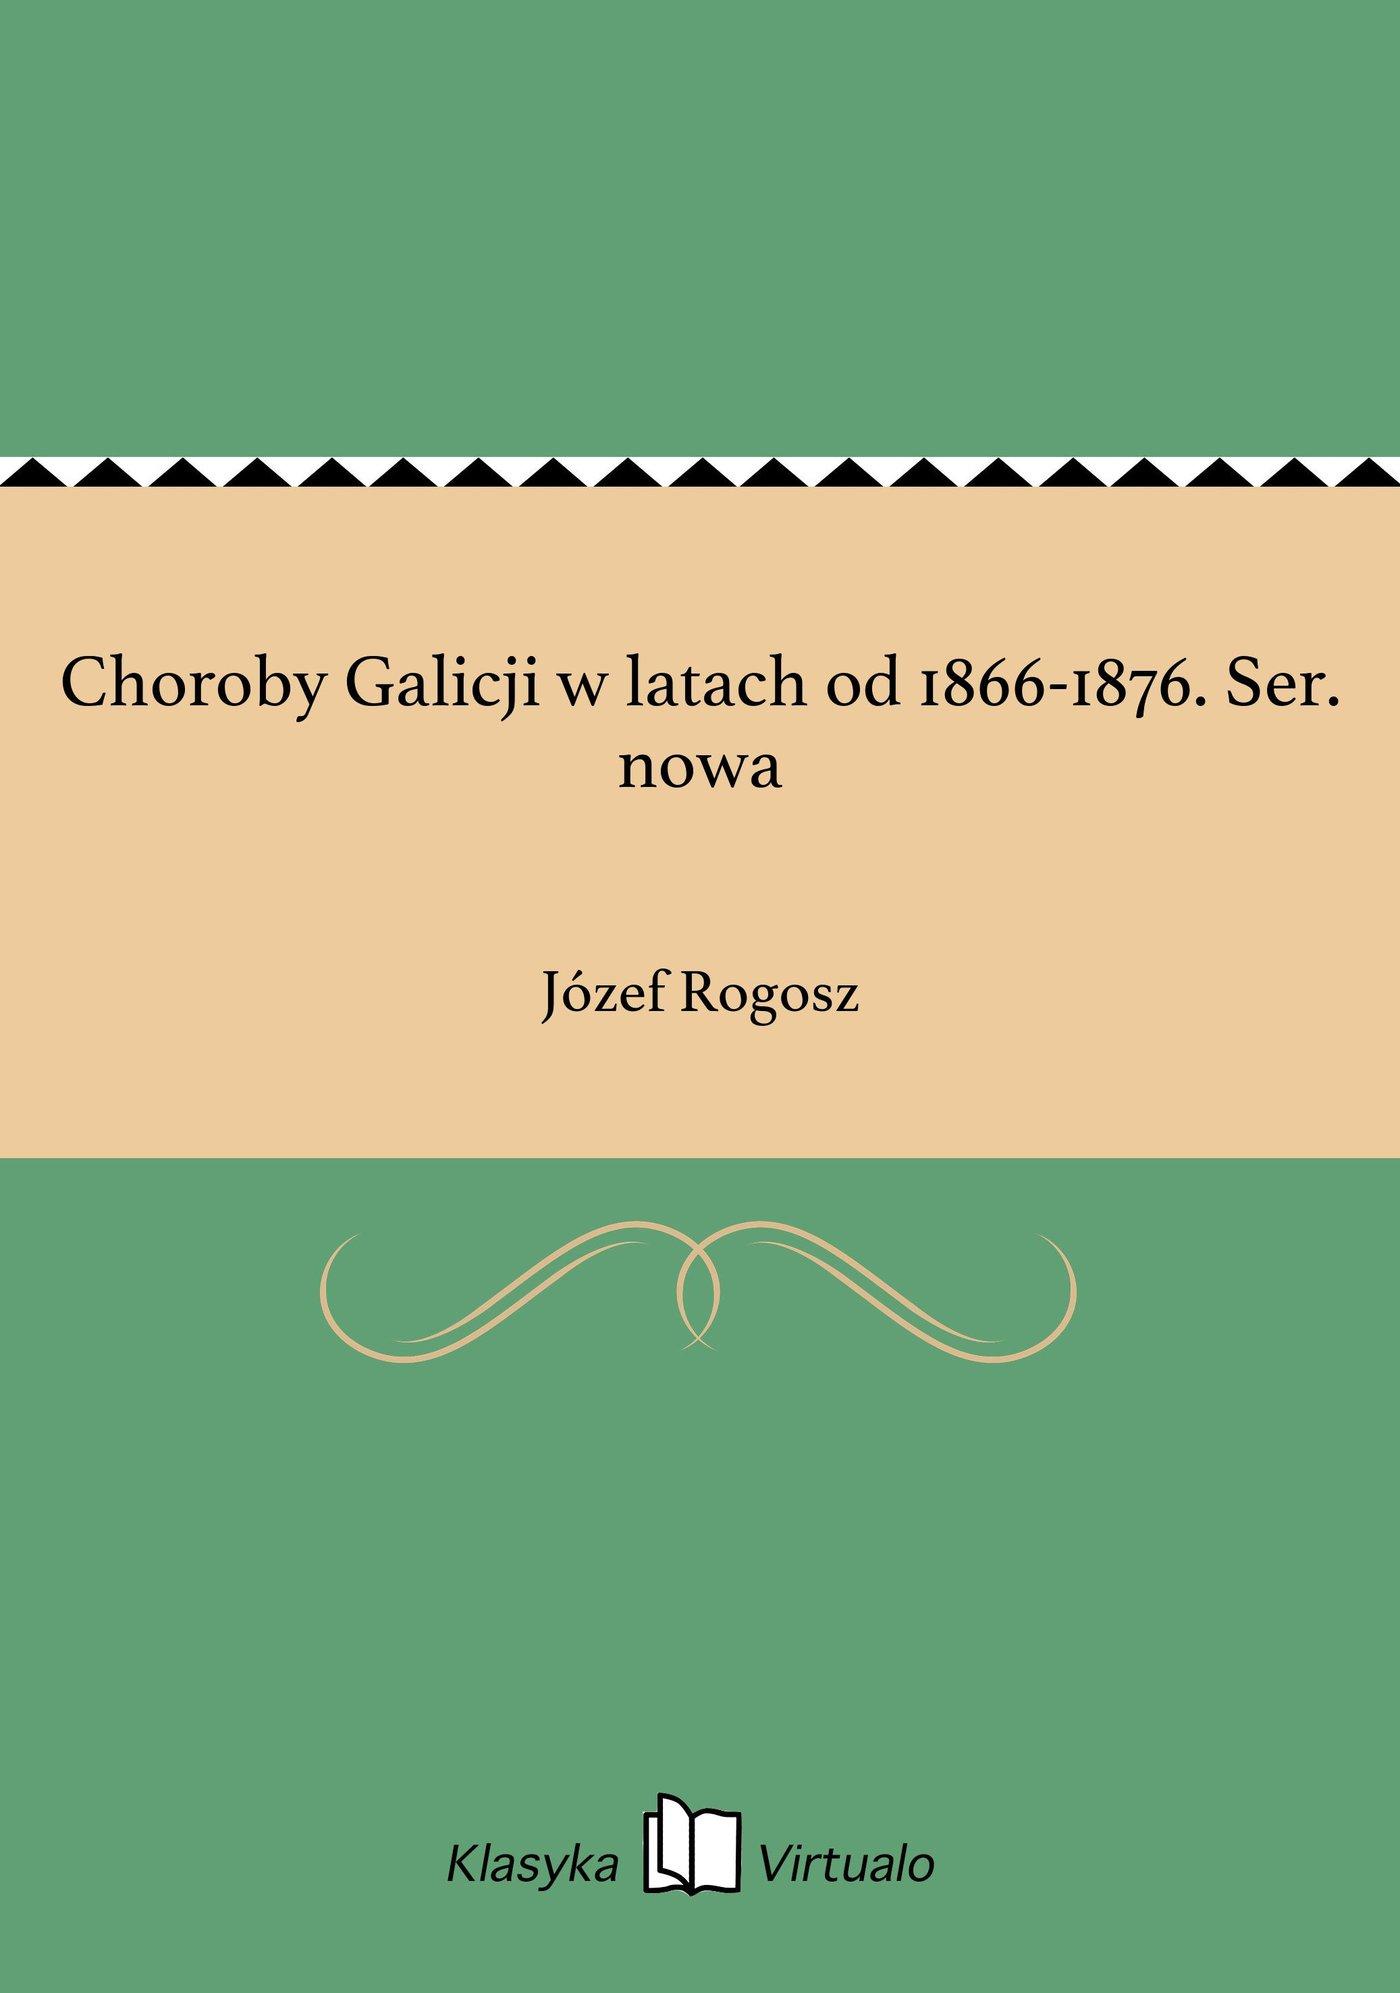 Choroby Galicji w latach od 1866-1876. Ser. nowa - Ebook (Książka EPUB) do pobrania w formacie EPUB